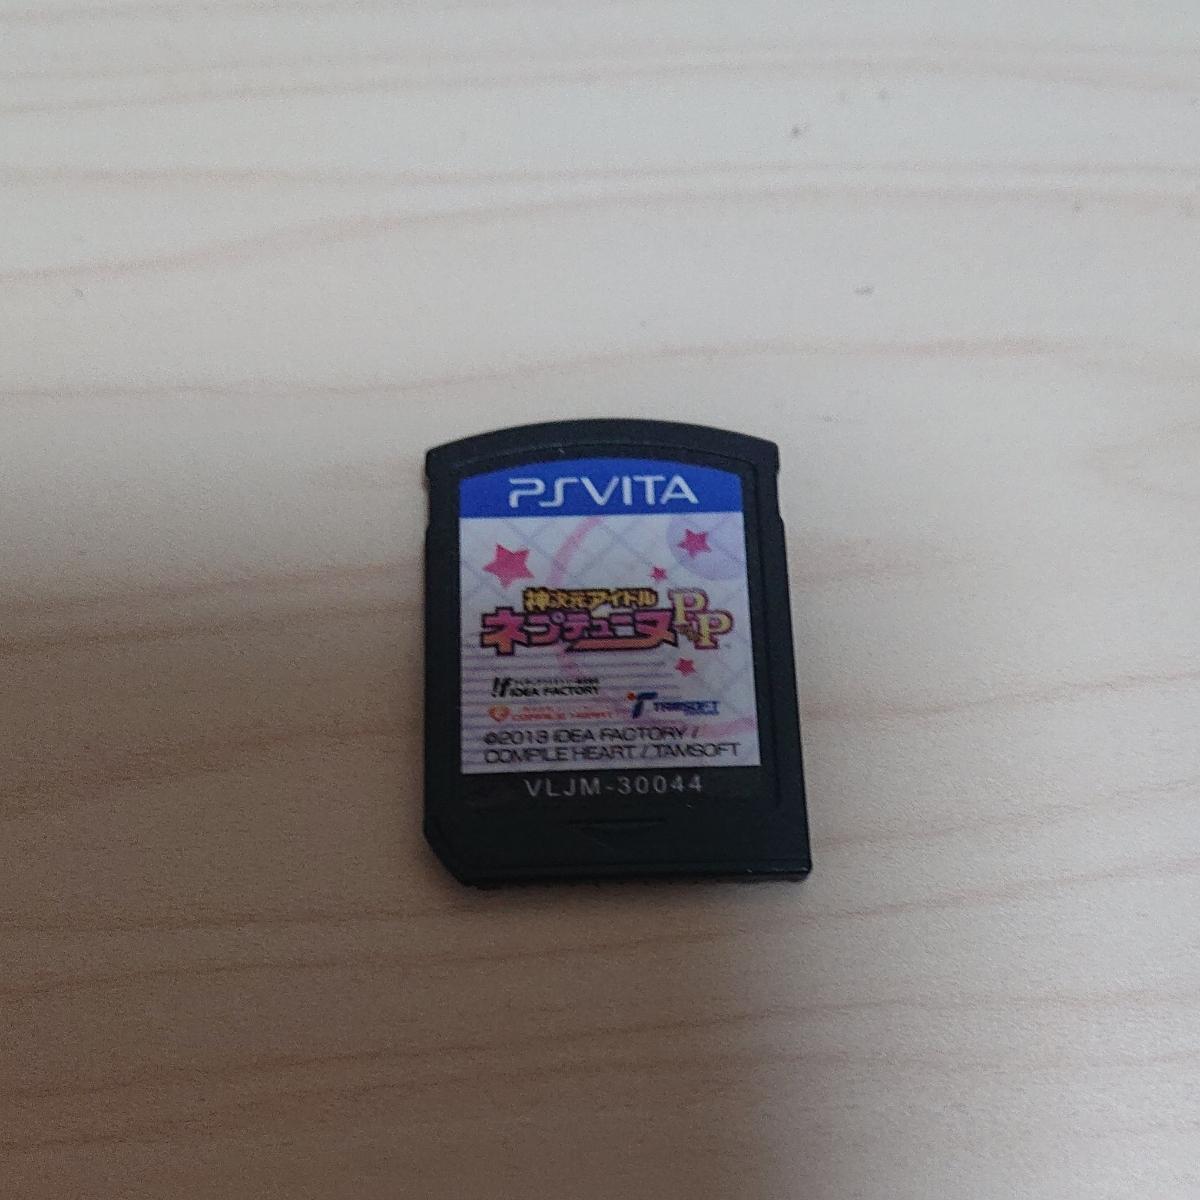 ソフト PS Vita VITA ヌプテューヌPP